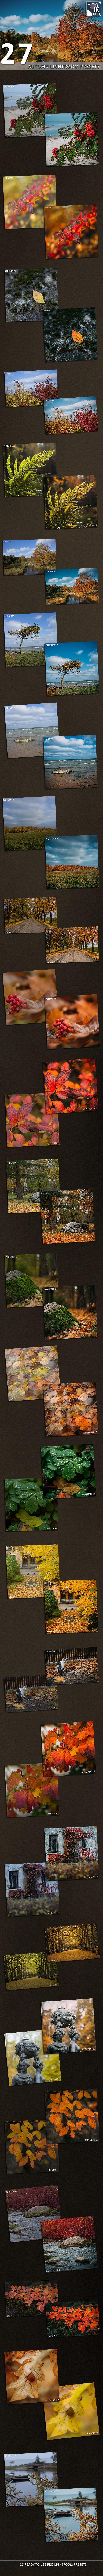 27 Autumn Lightroom Presets - Landscape Lightroom Presets